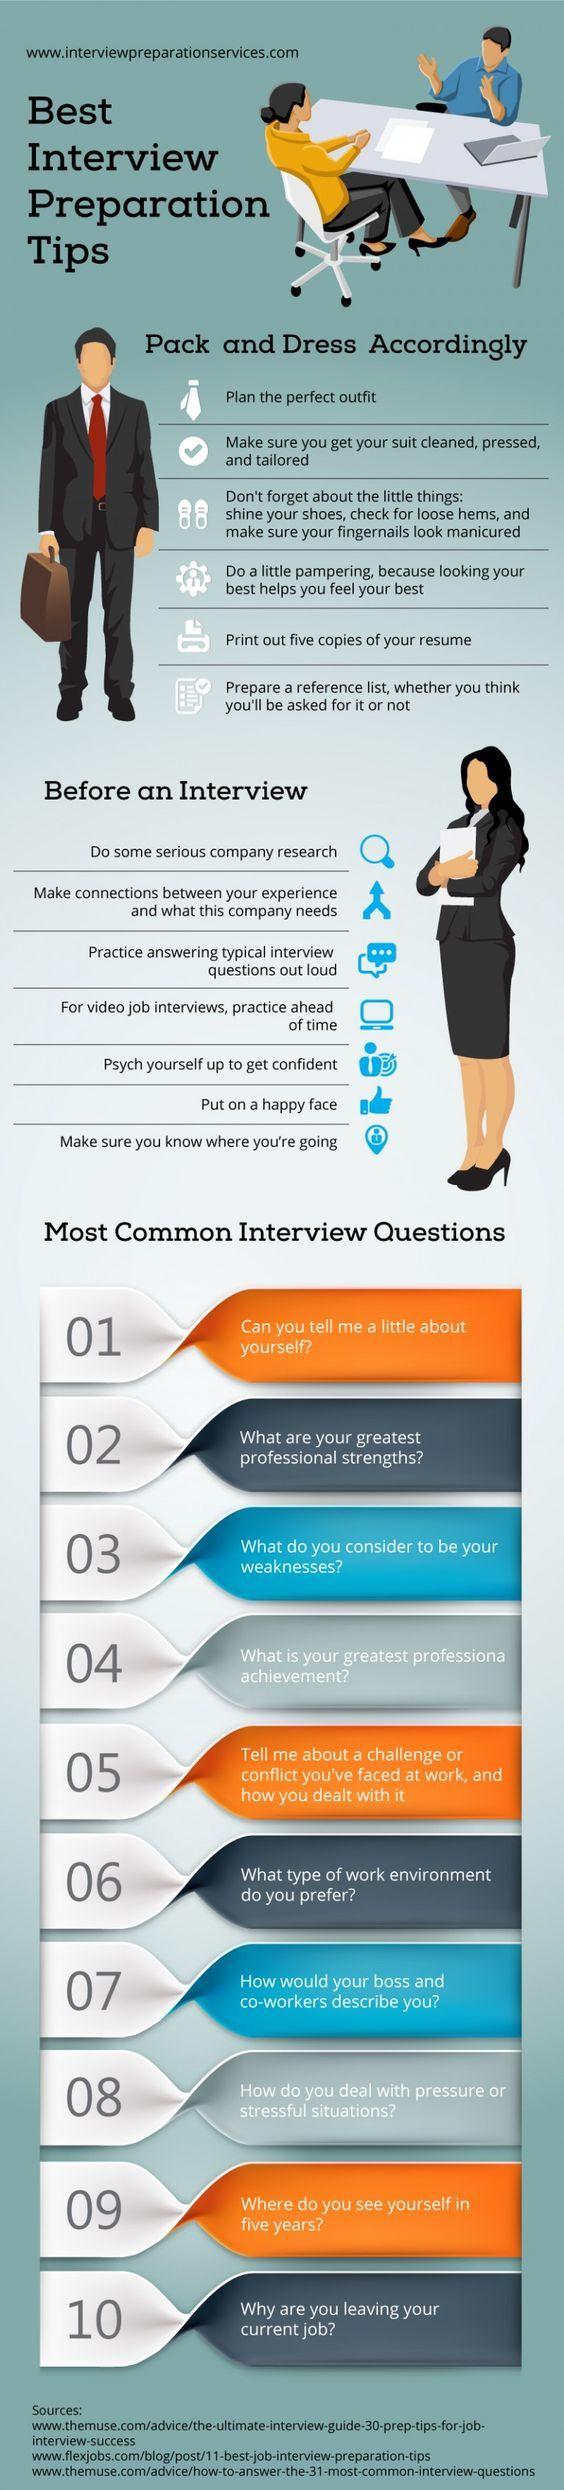 best-interview-preparation-tips-768x3391.jpg (768×3391)